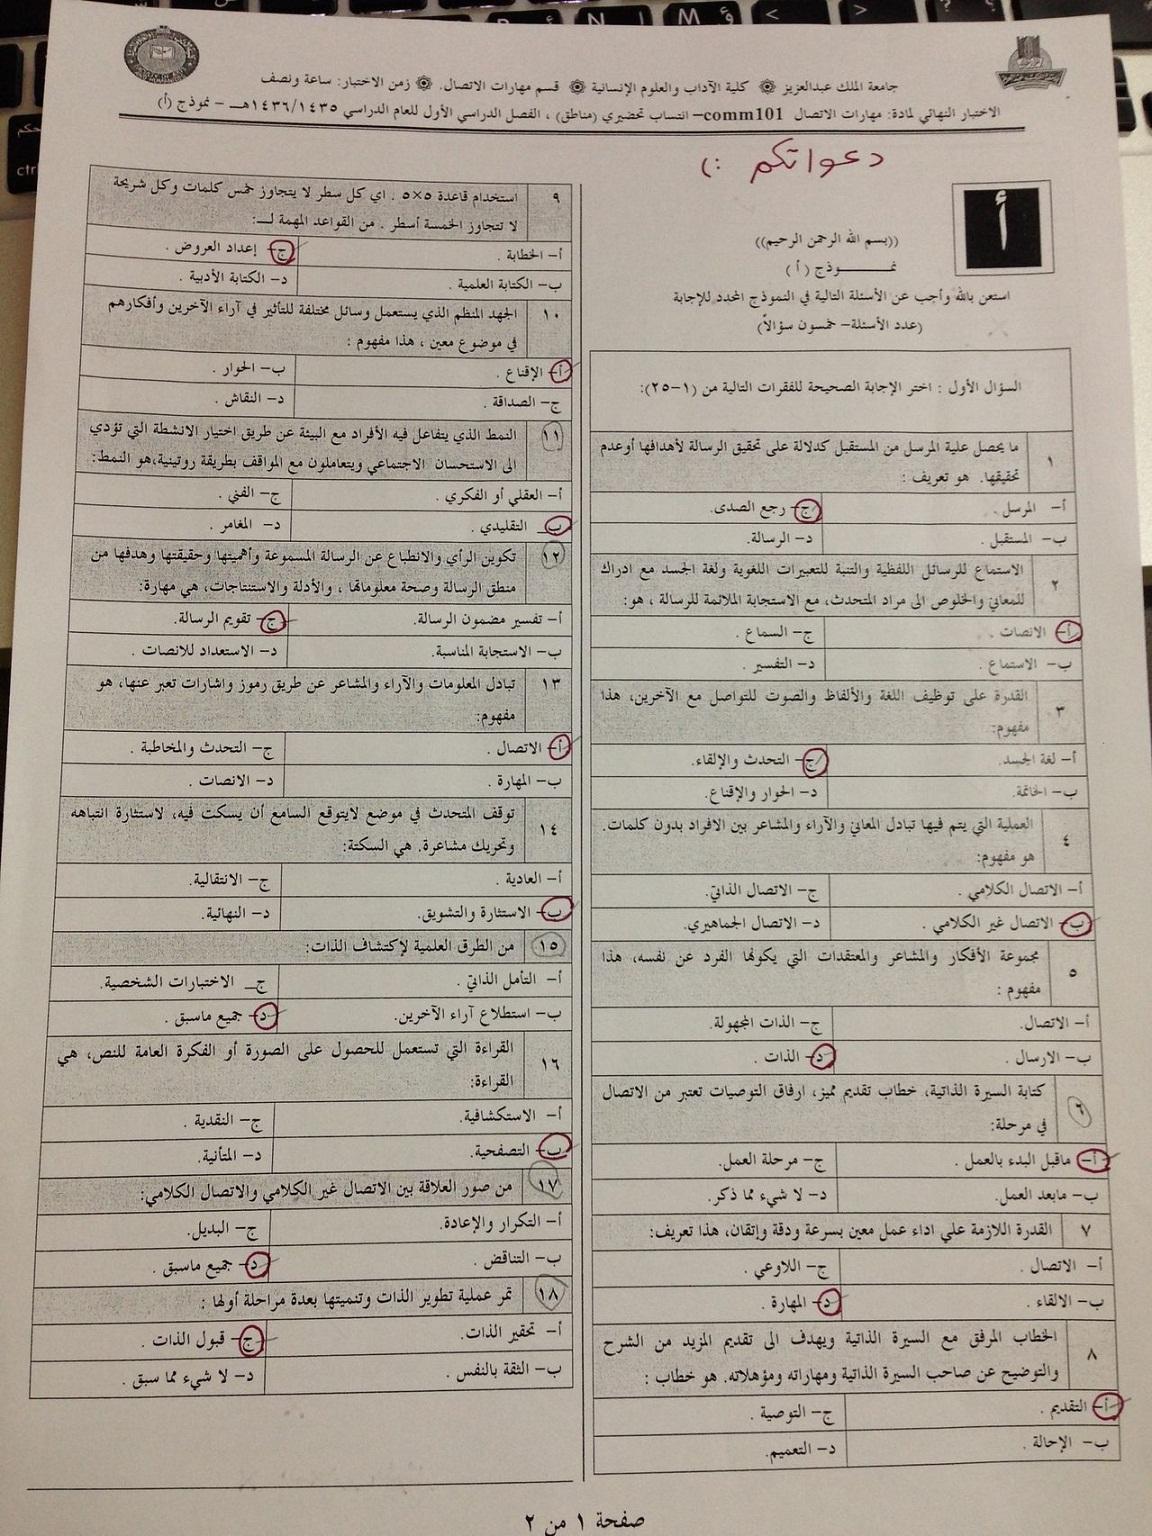 كتاب مهارات الاتصال جامعة الملك عبدالعزيز